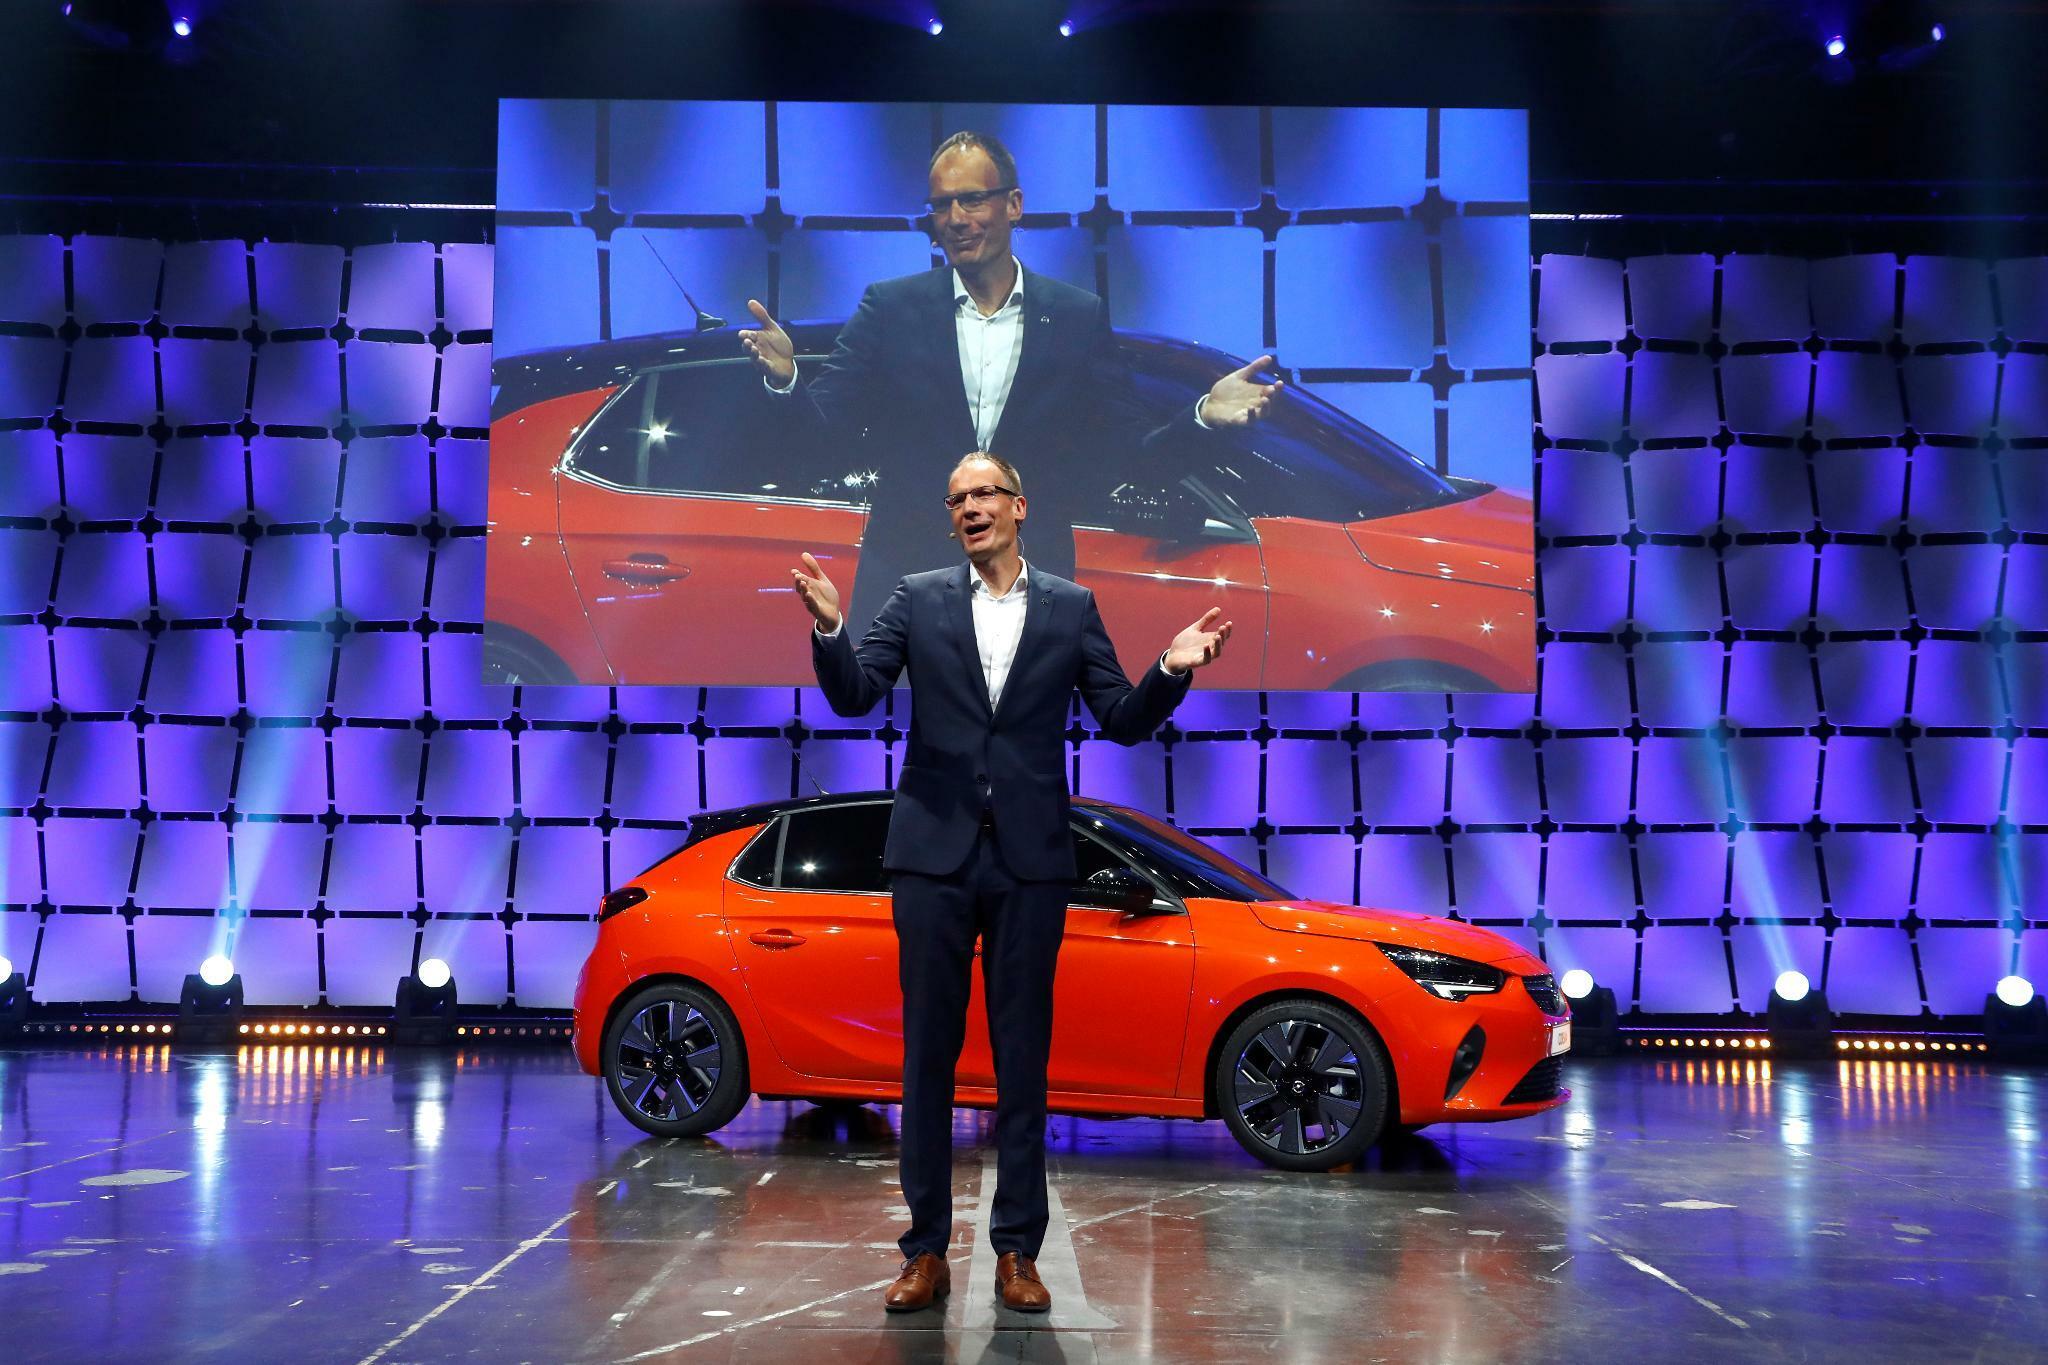 Autohersteller Opel: Über 600 Arbeitsplätze stehen auf dem Spiel